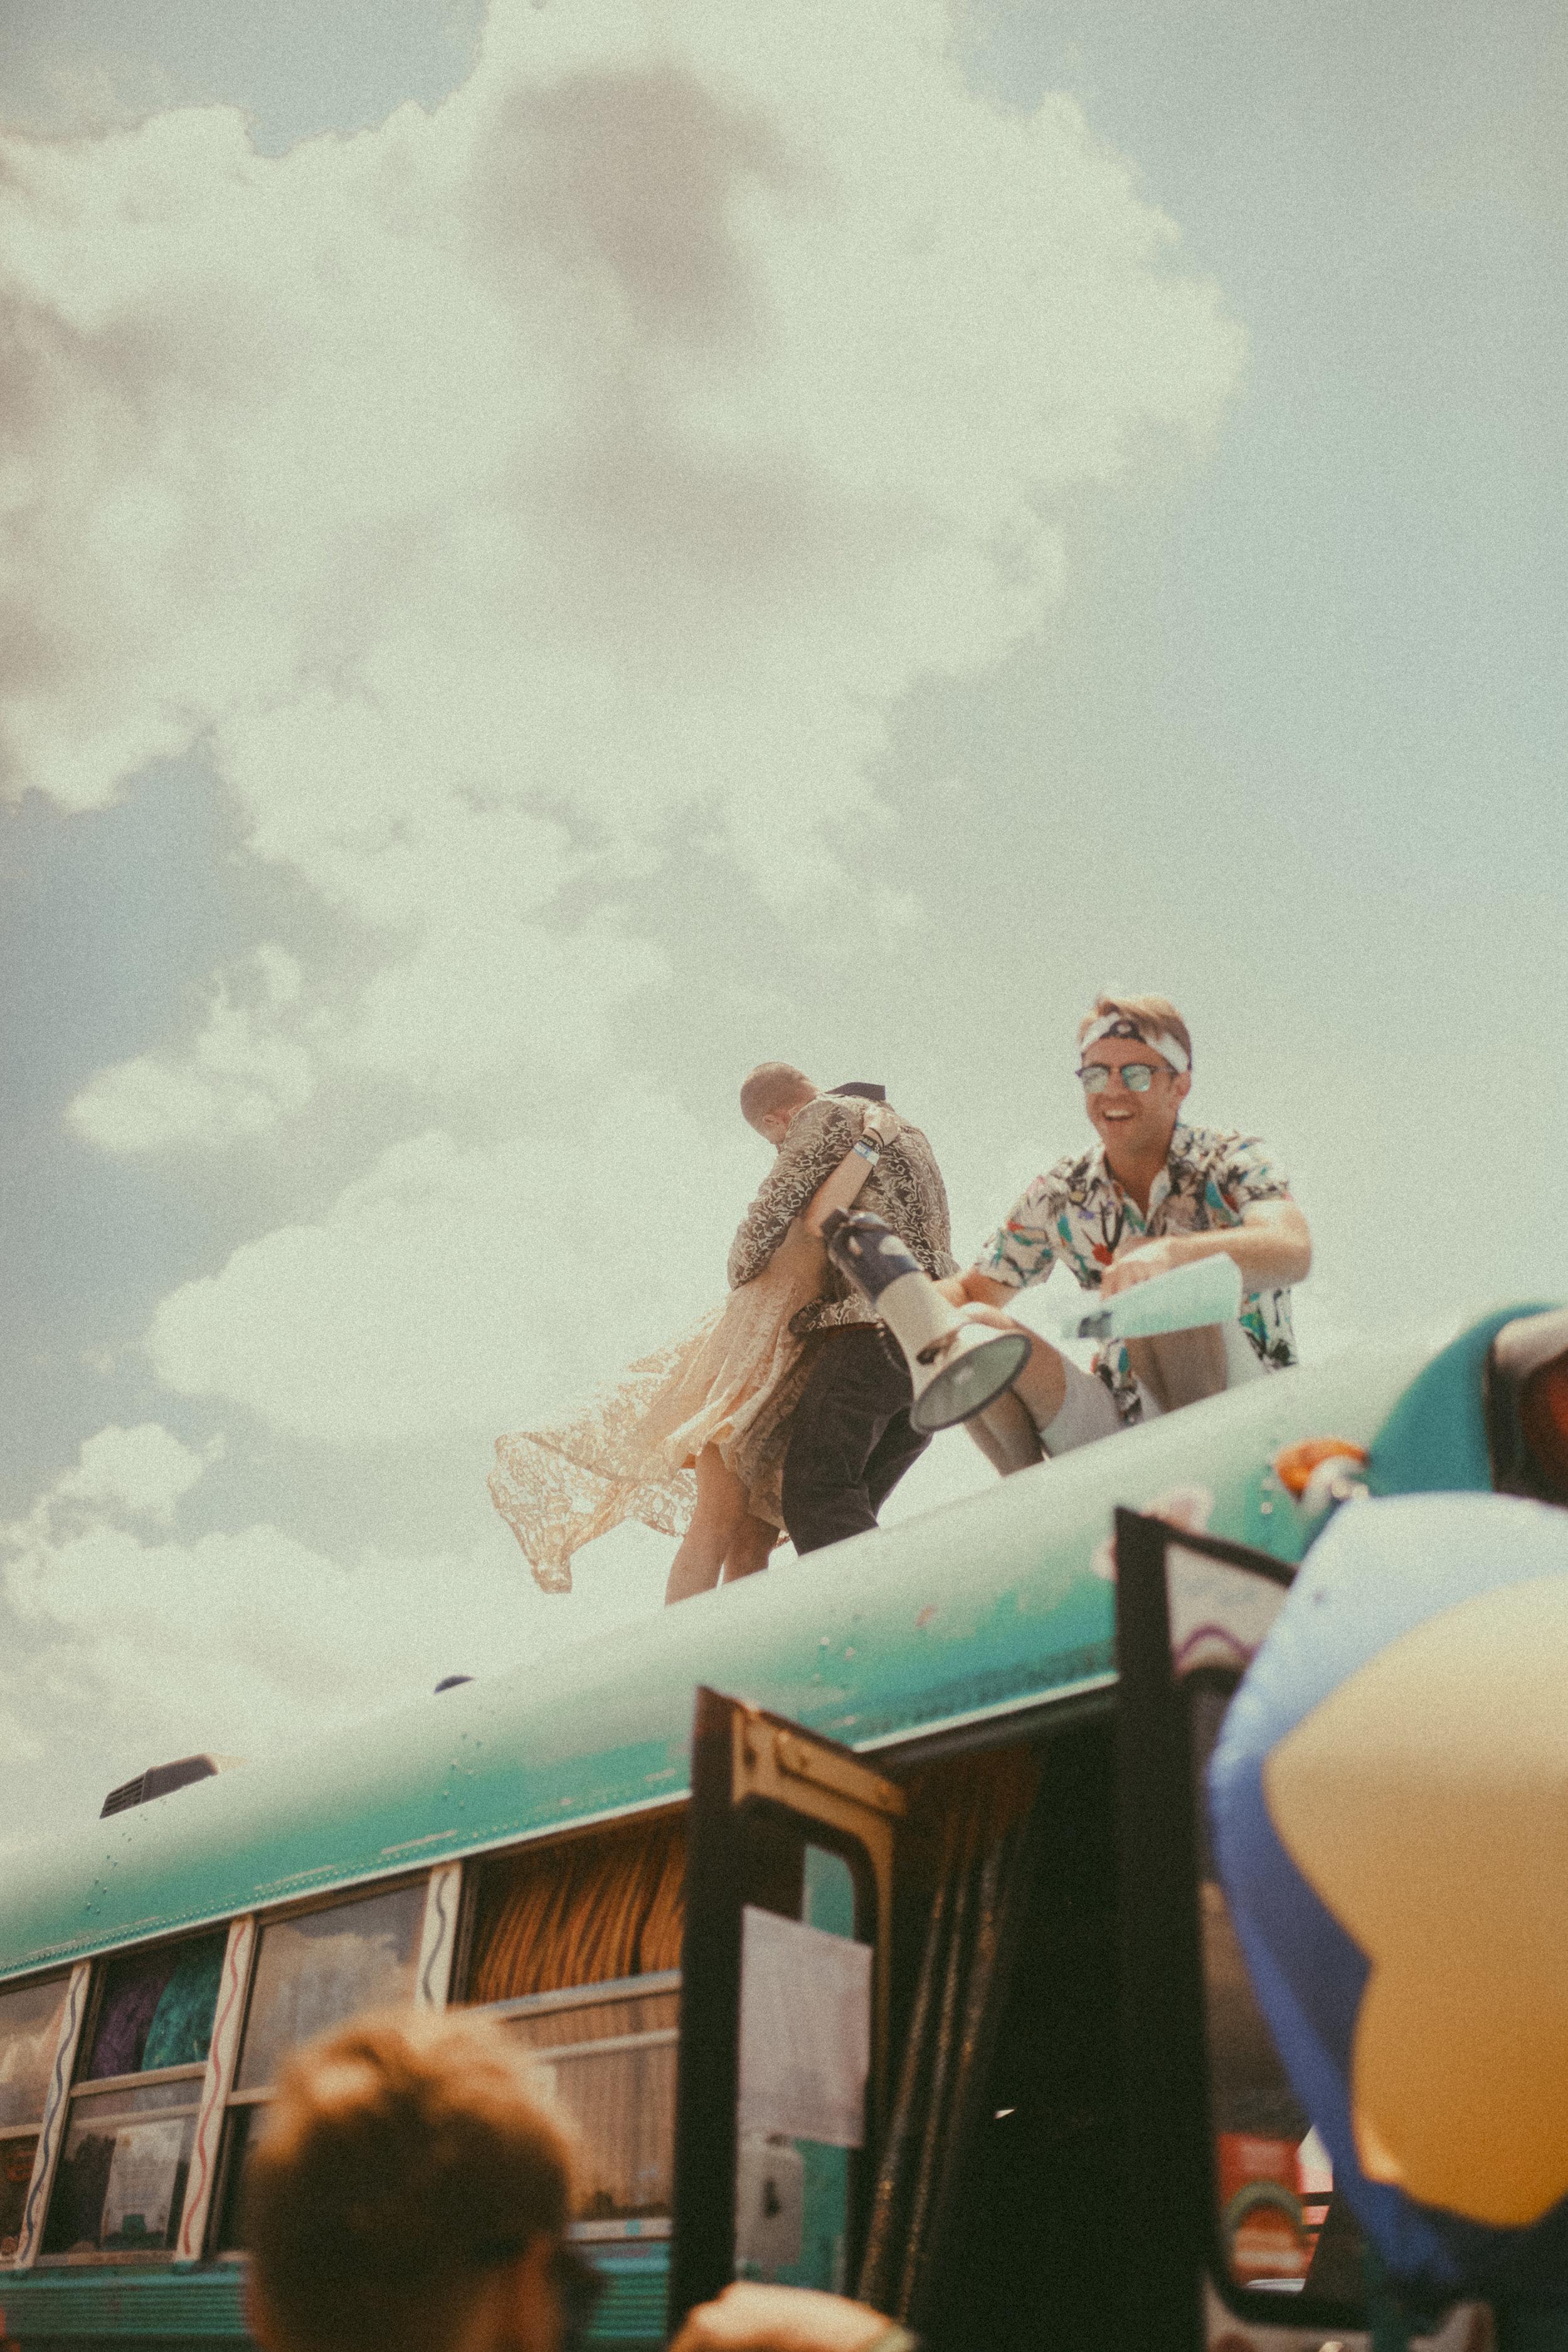 Bonnaroo-MusicFestivalWedding-Brittany&Kevin-27.jpg